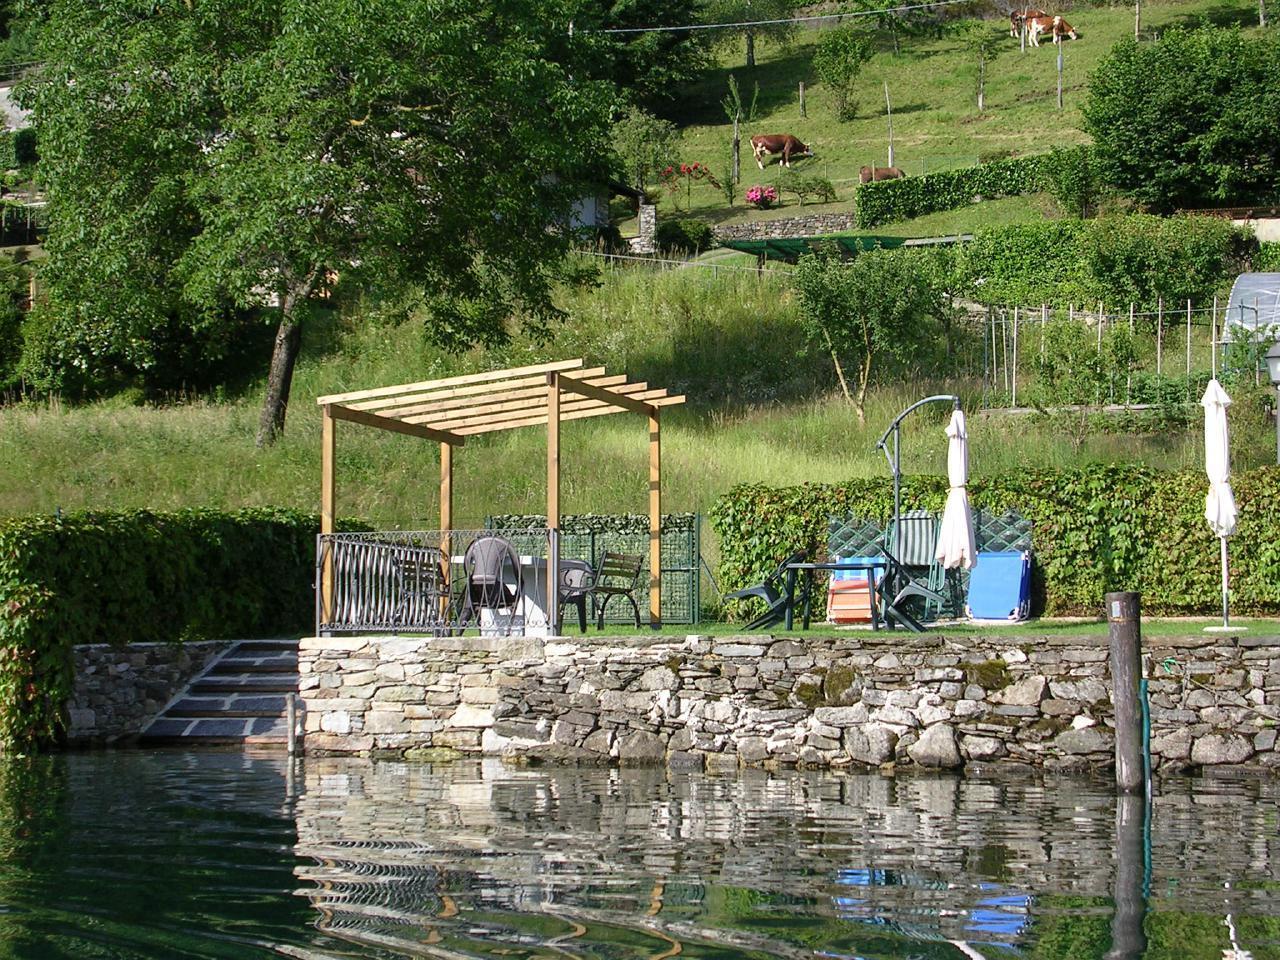 Ferienwohnung La Darsena (483597), Orta San Giulio, Ortasee, Piemont, Italien, Bild 16